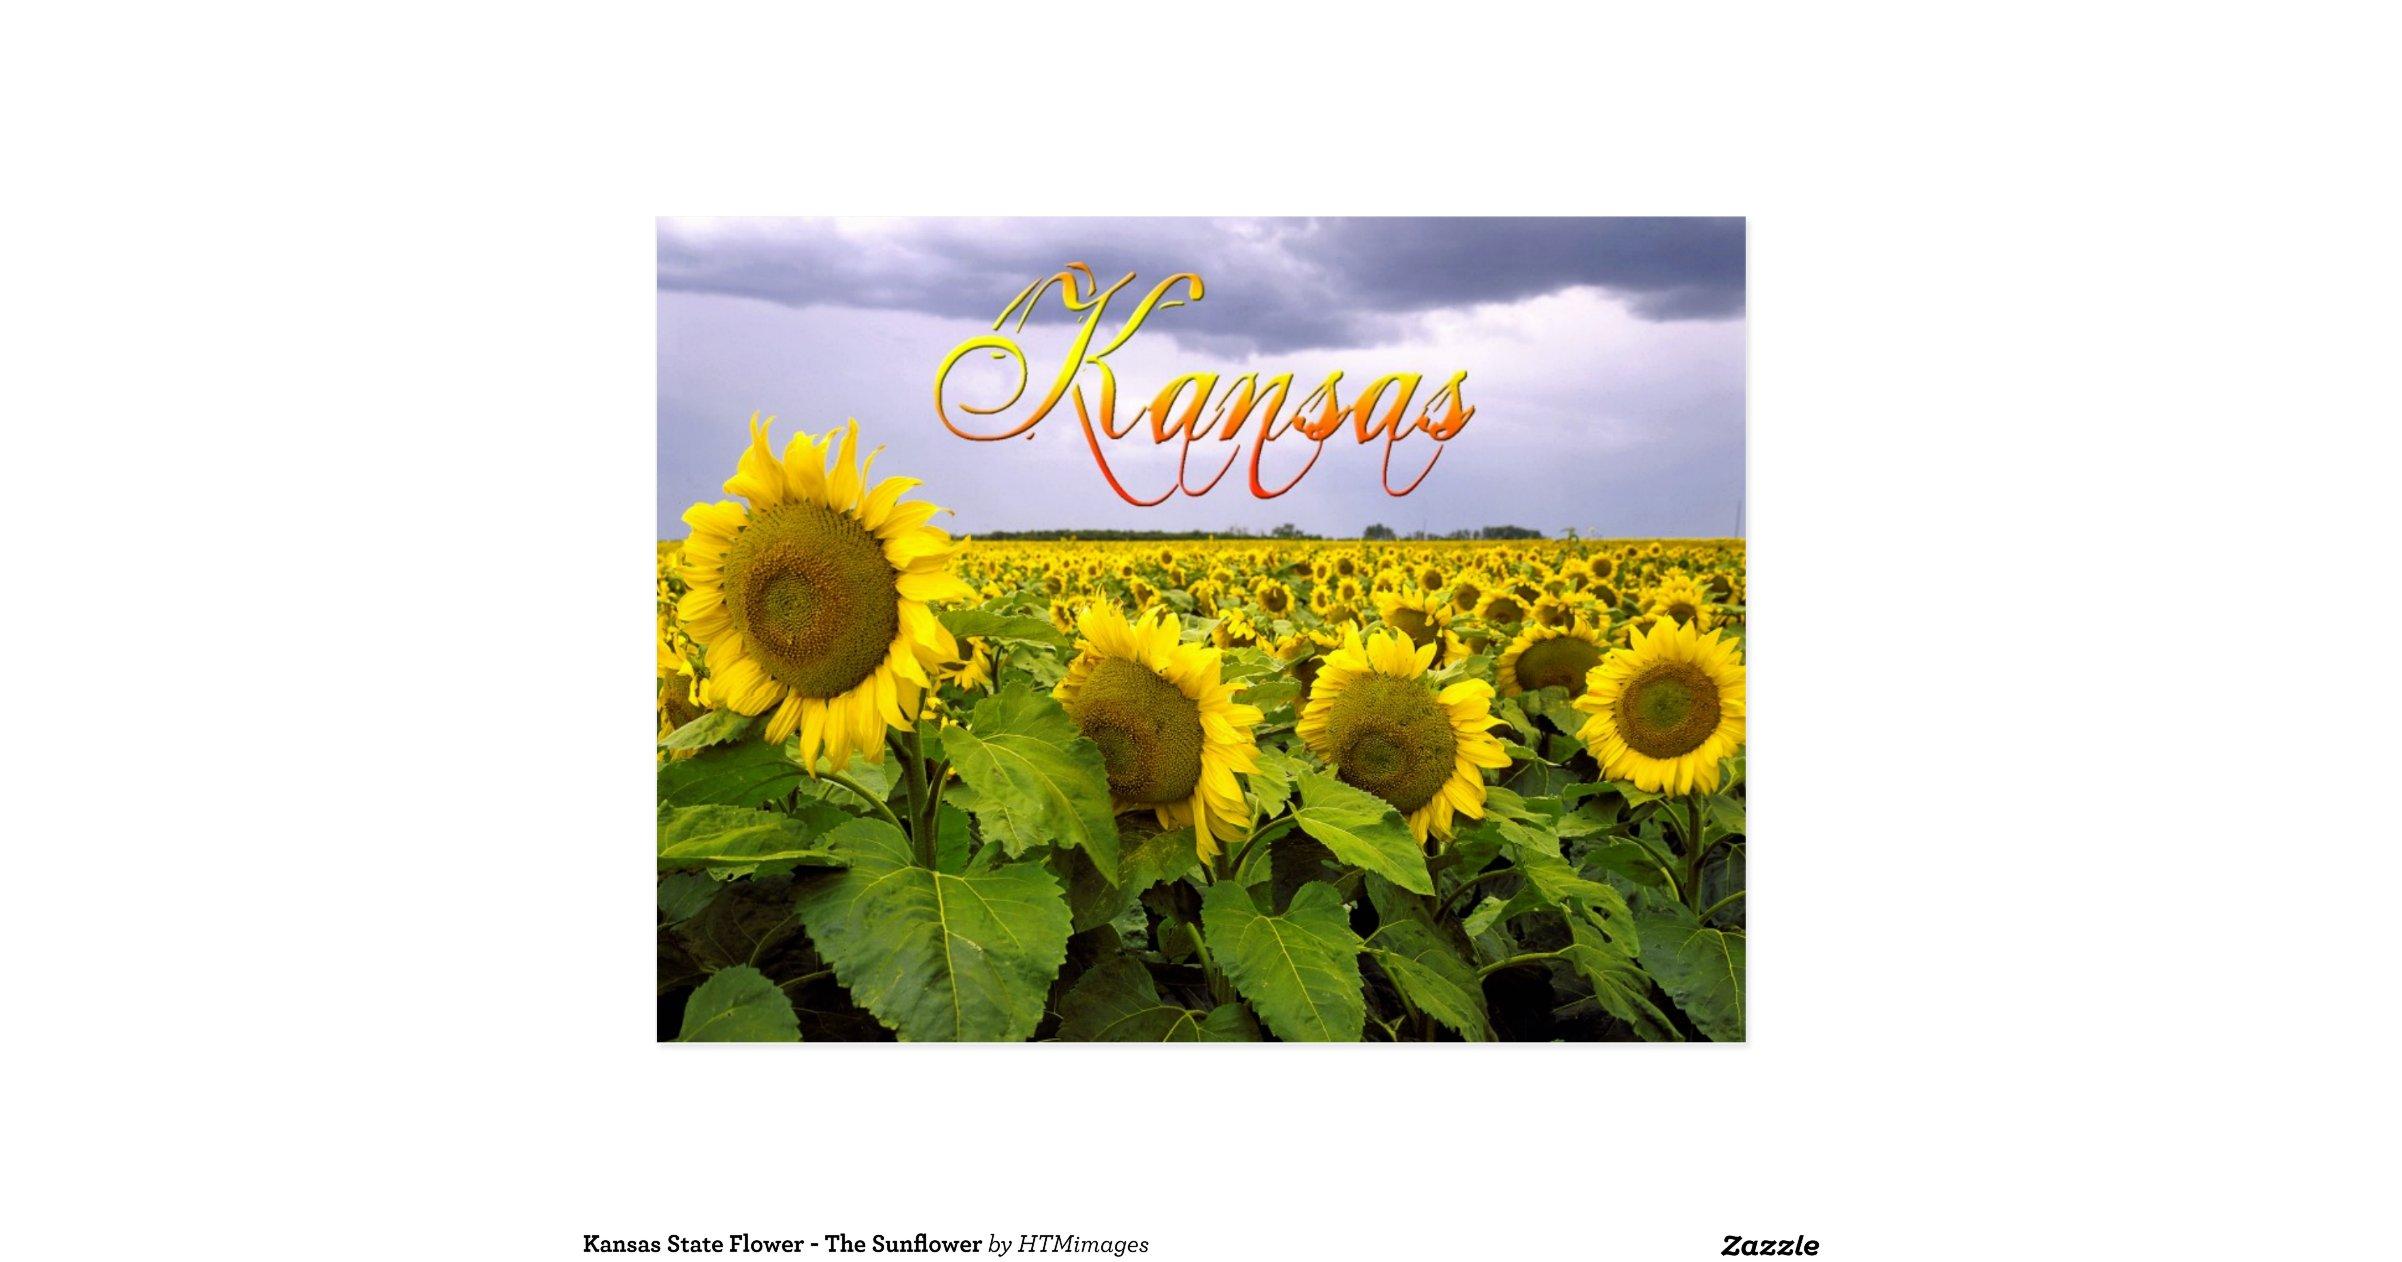 kansas state flower the sunflower postcard r177a4c7b615d48fca43e7c050d